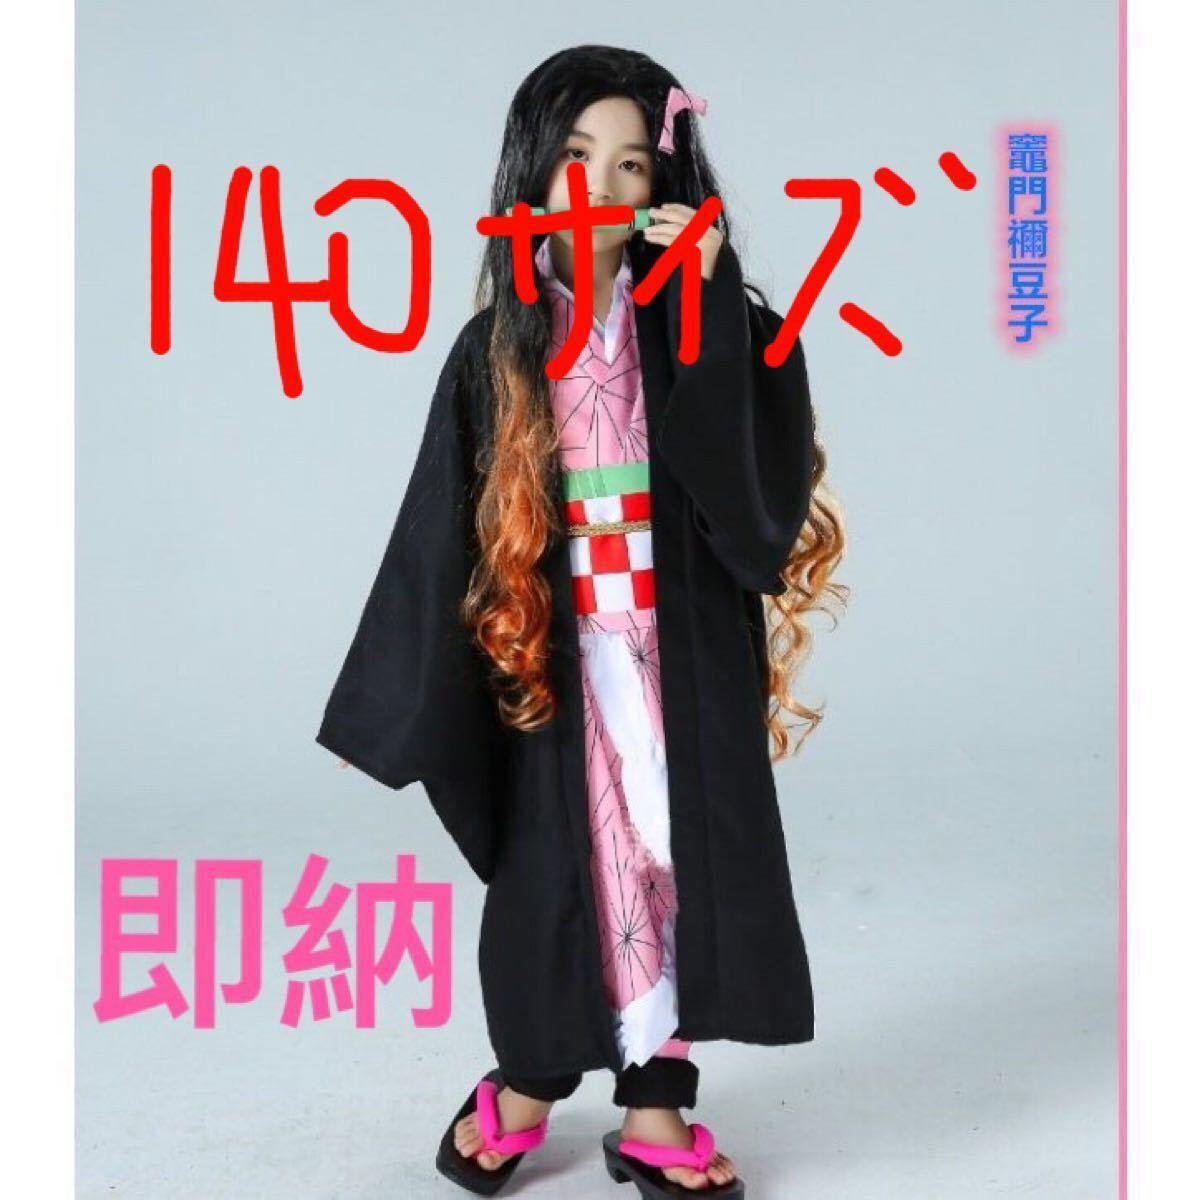 ねずこ 140サイズ 鬼滅の刃 コスプレ衣装 子供用